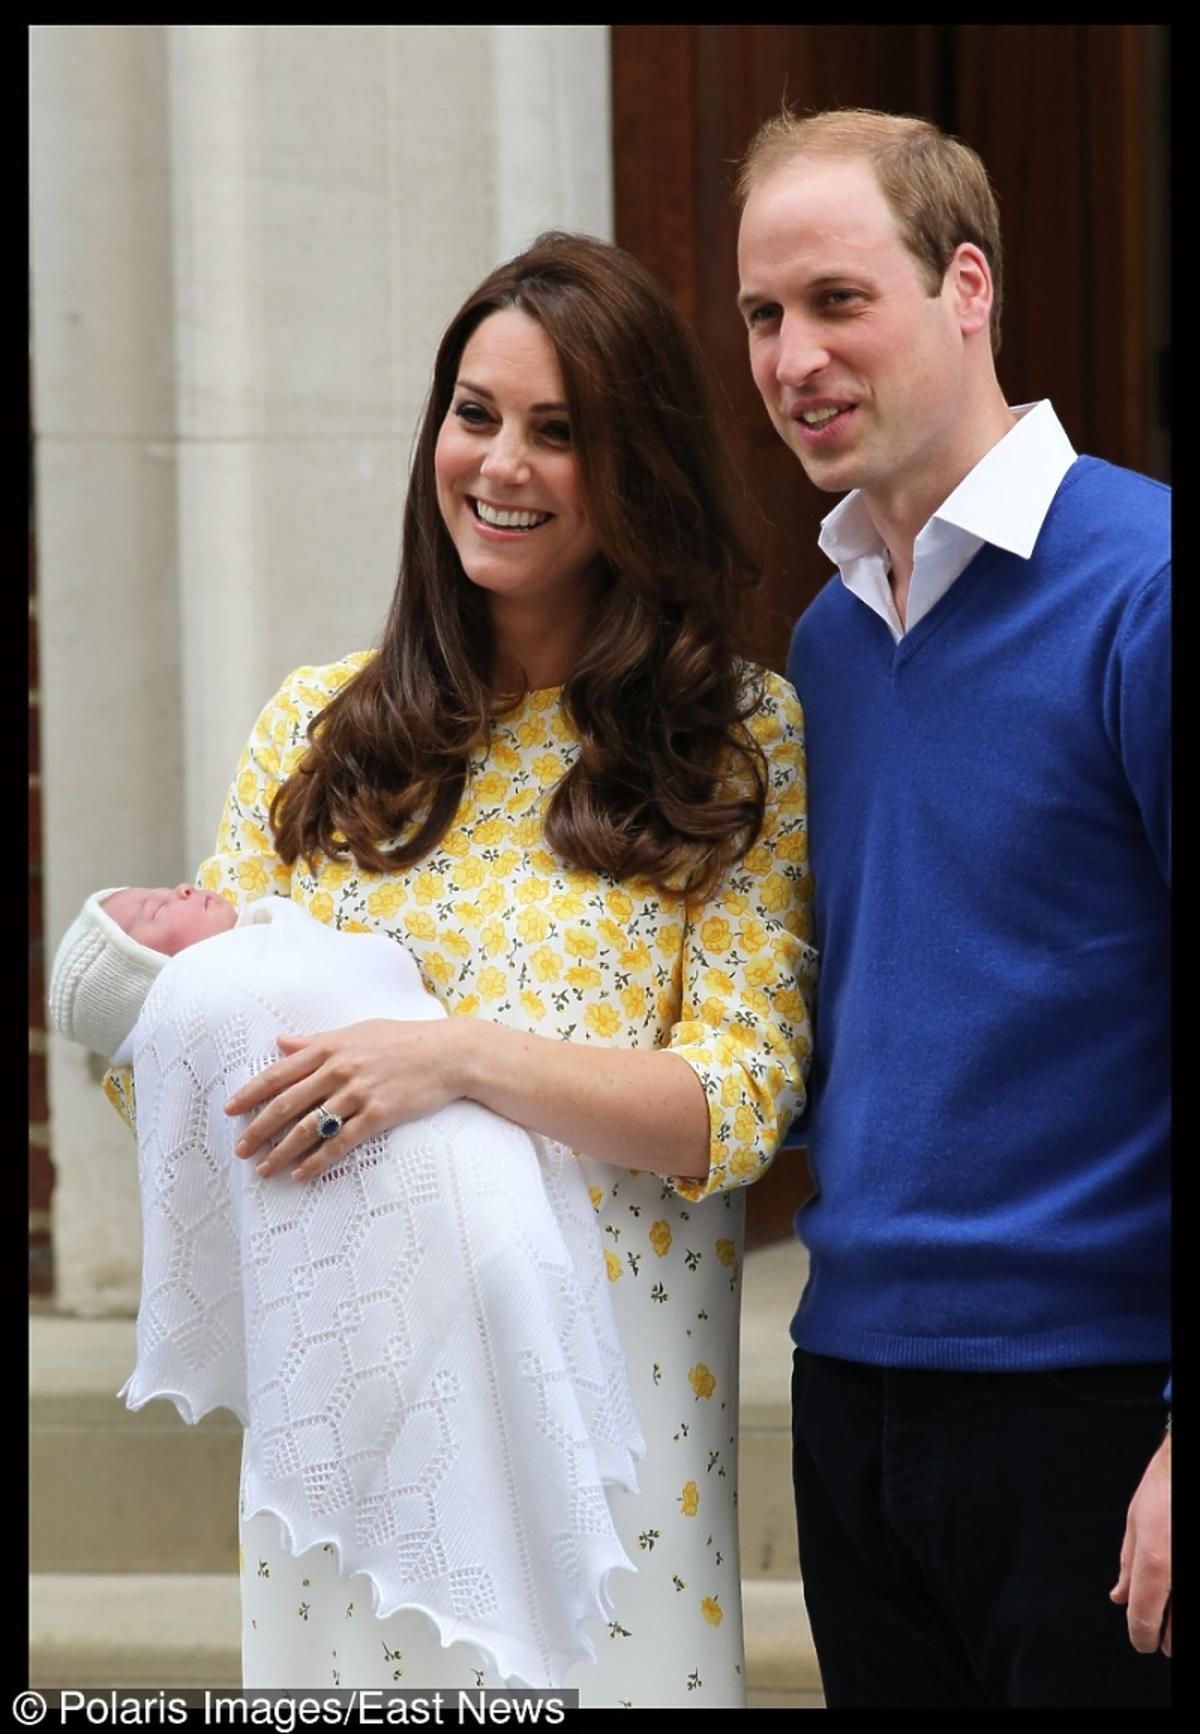 Księżna Catherine (Kate Middleton) i książę William z córką  Charlotte pozują do zdjęć przed szpitalem